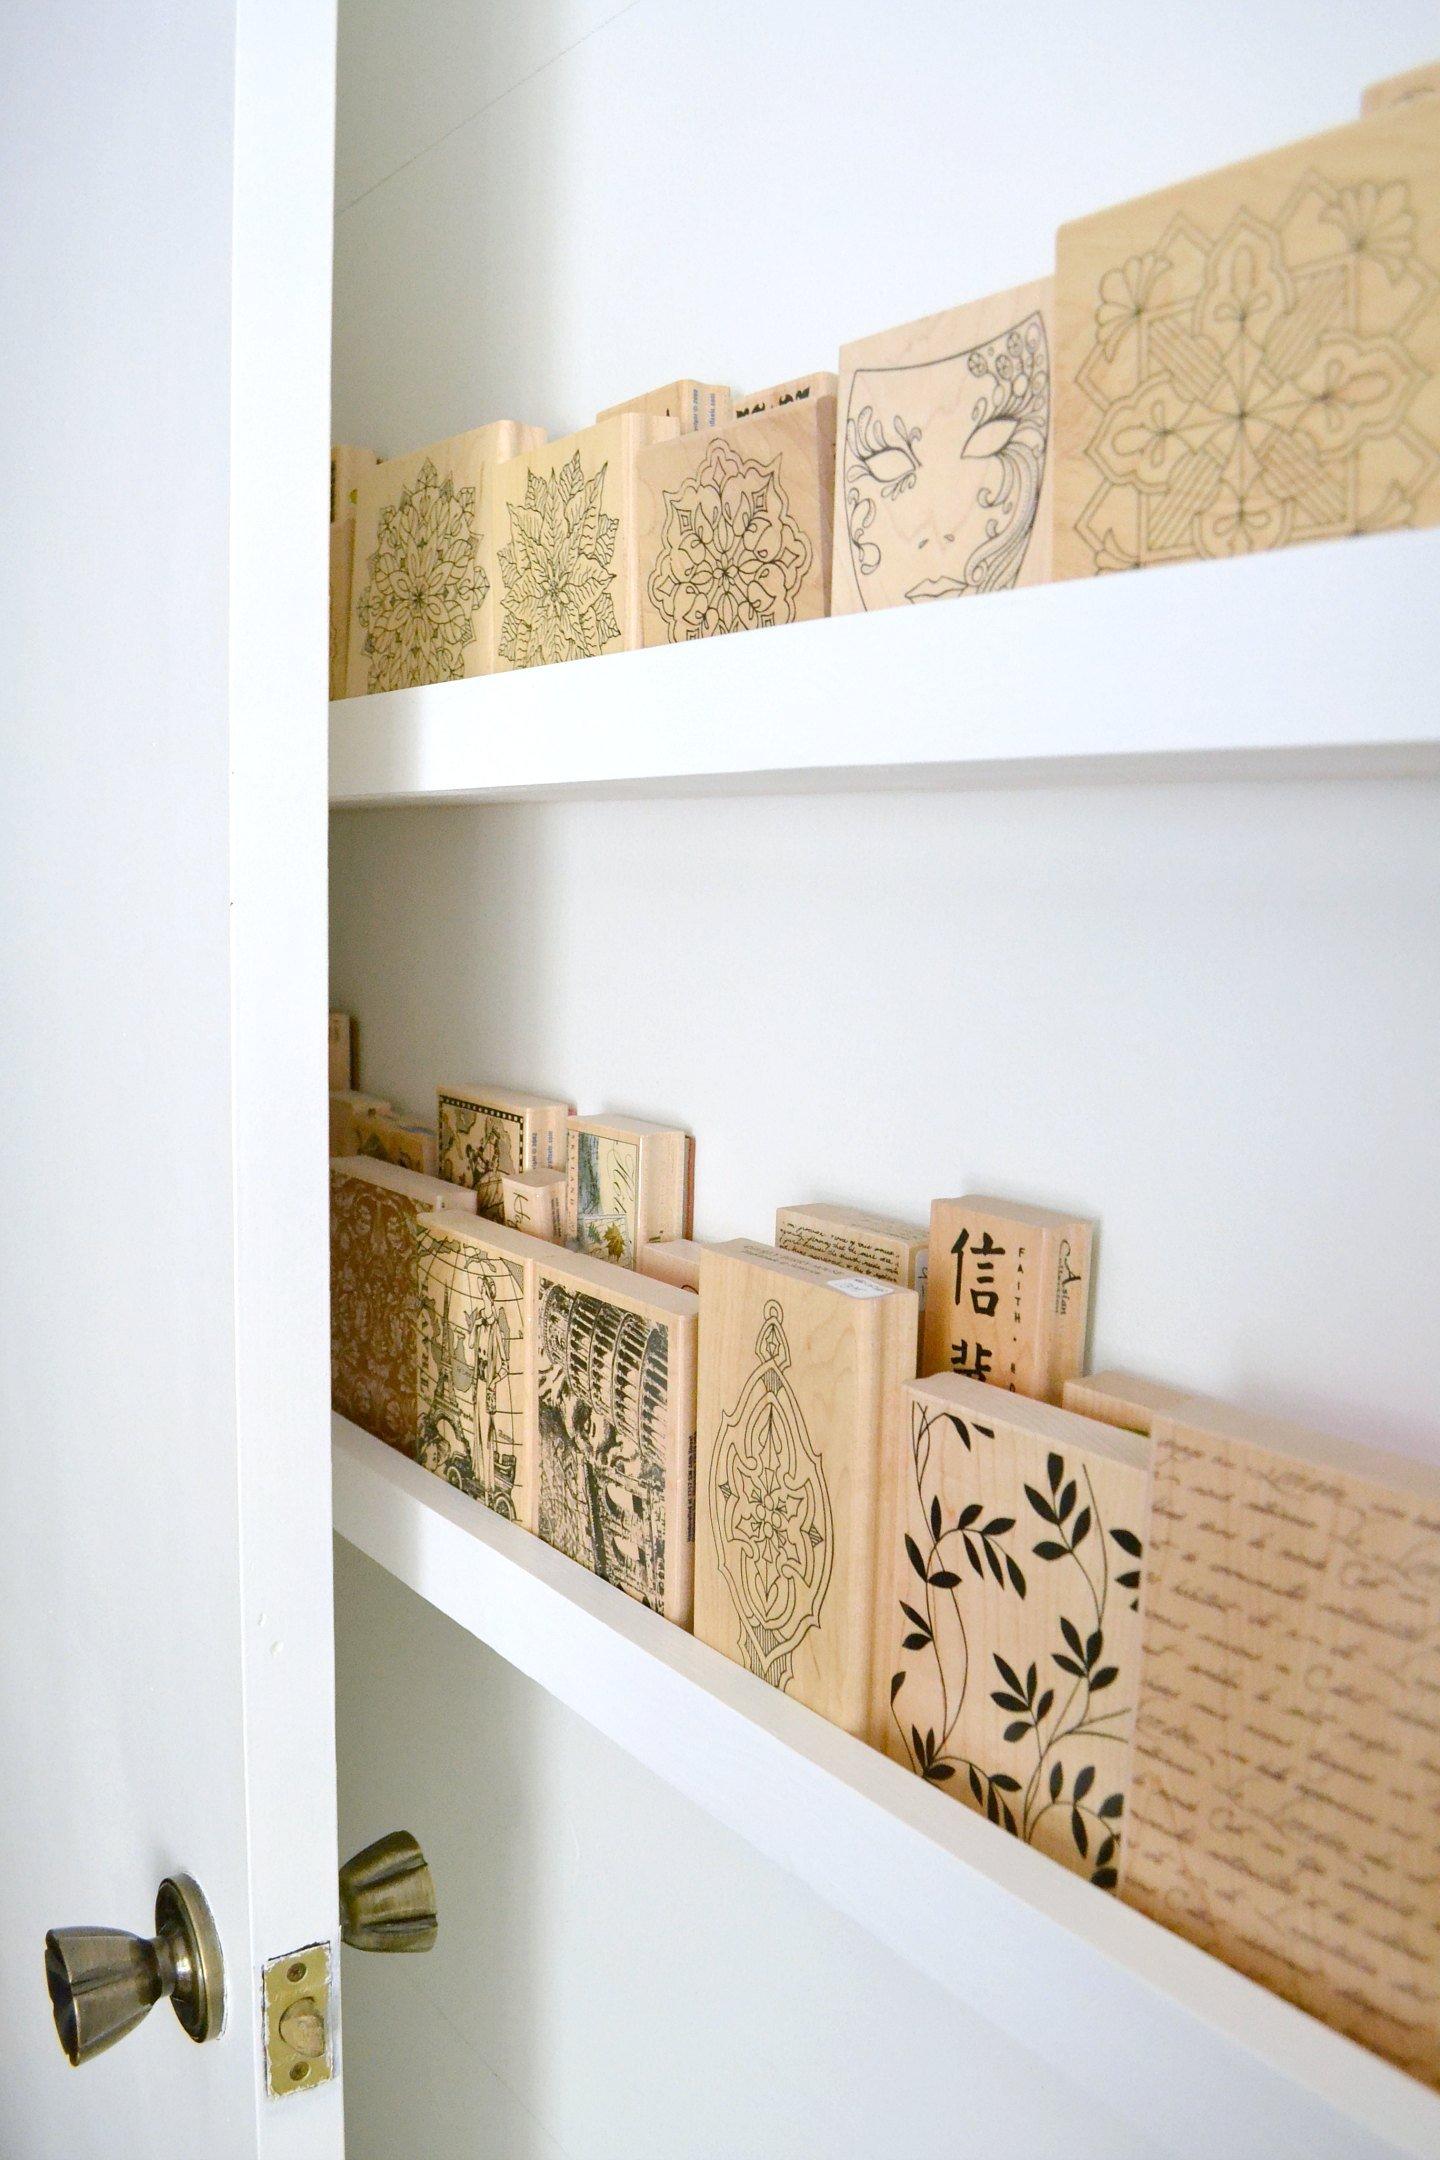 Shelves behind the door